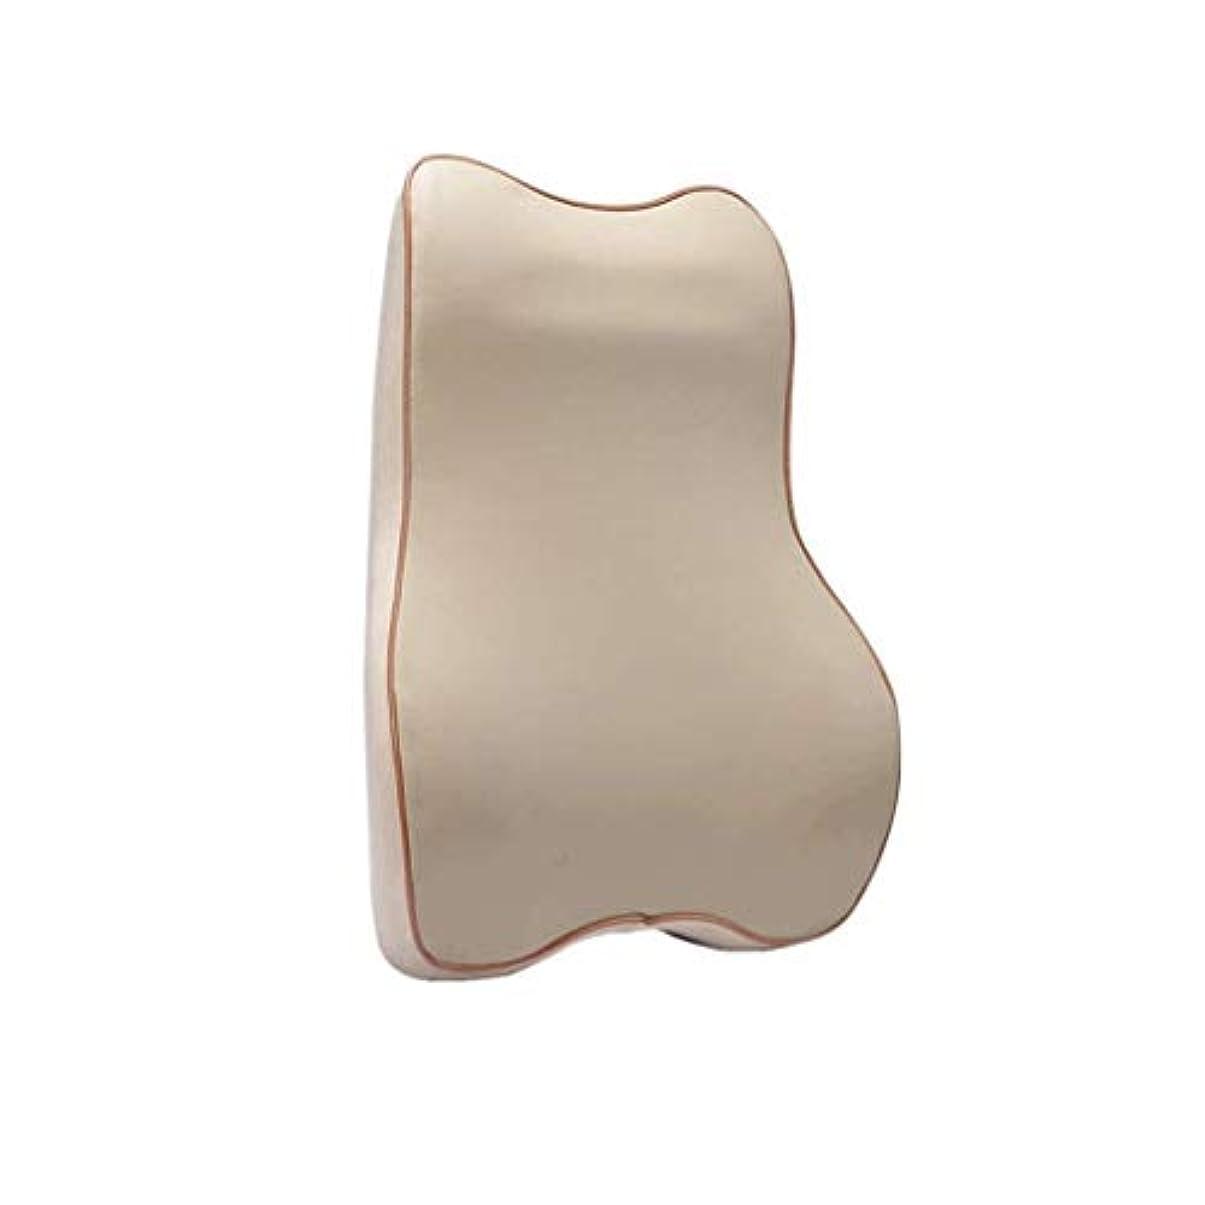 理想的失うインストール腰椎枕 - 姿勢療法ウエストクッション - 低反発フォーム、人間工学に基づいたオフィスチェア車とトラベルバックサポート枕を使用して、上下の腰痛を緩和し、予防します (Color : Beige)